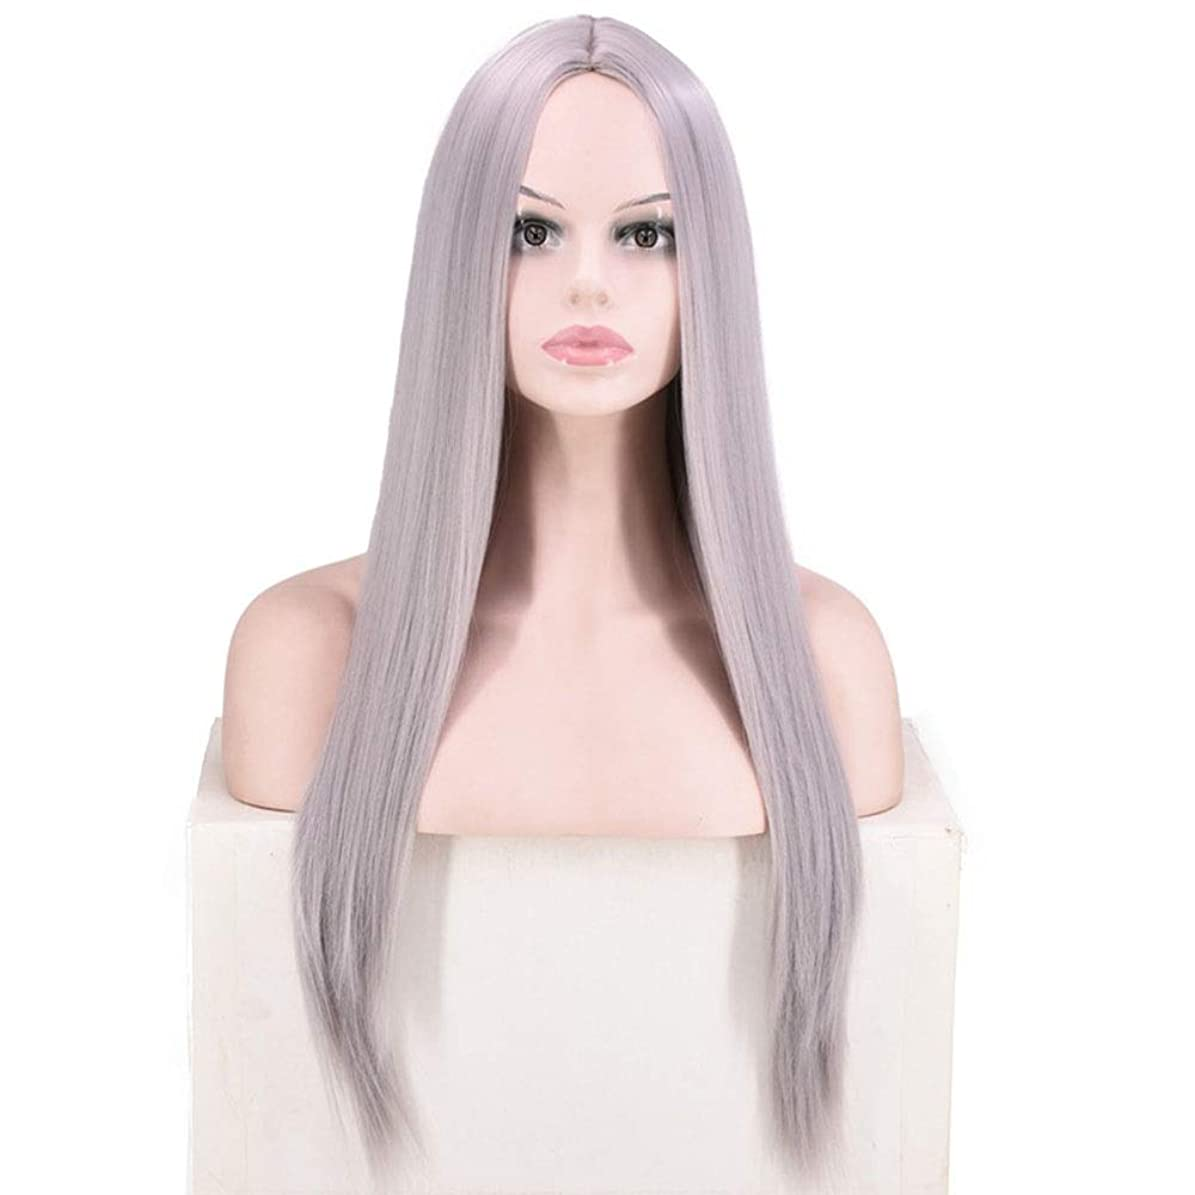 アセンブリ強風類推BOBIDYEE 女性のピンクの長いストレートの髪のかつら耐熱性コスプレパーティードレスのかつらロールウィッグロールプレイングかつら (色 : Style: 4)